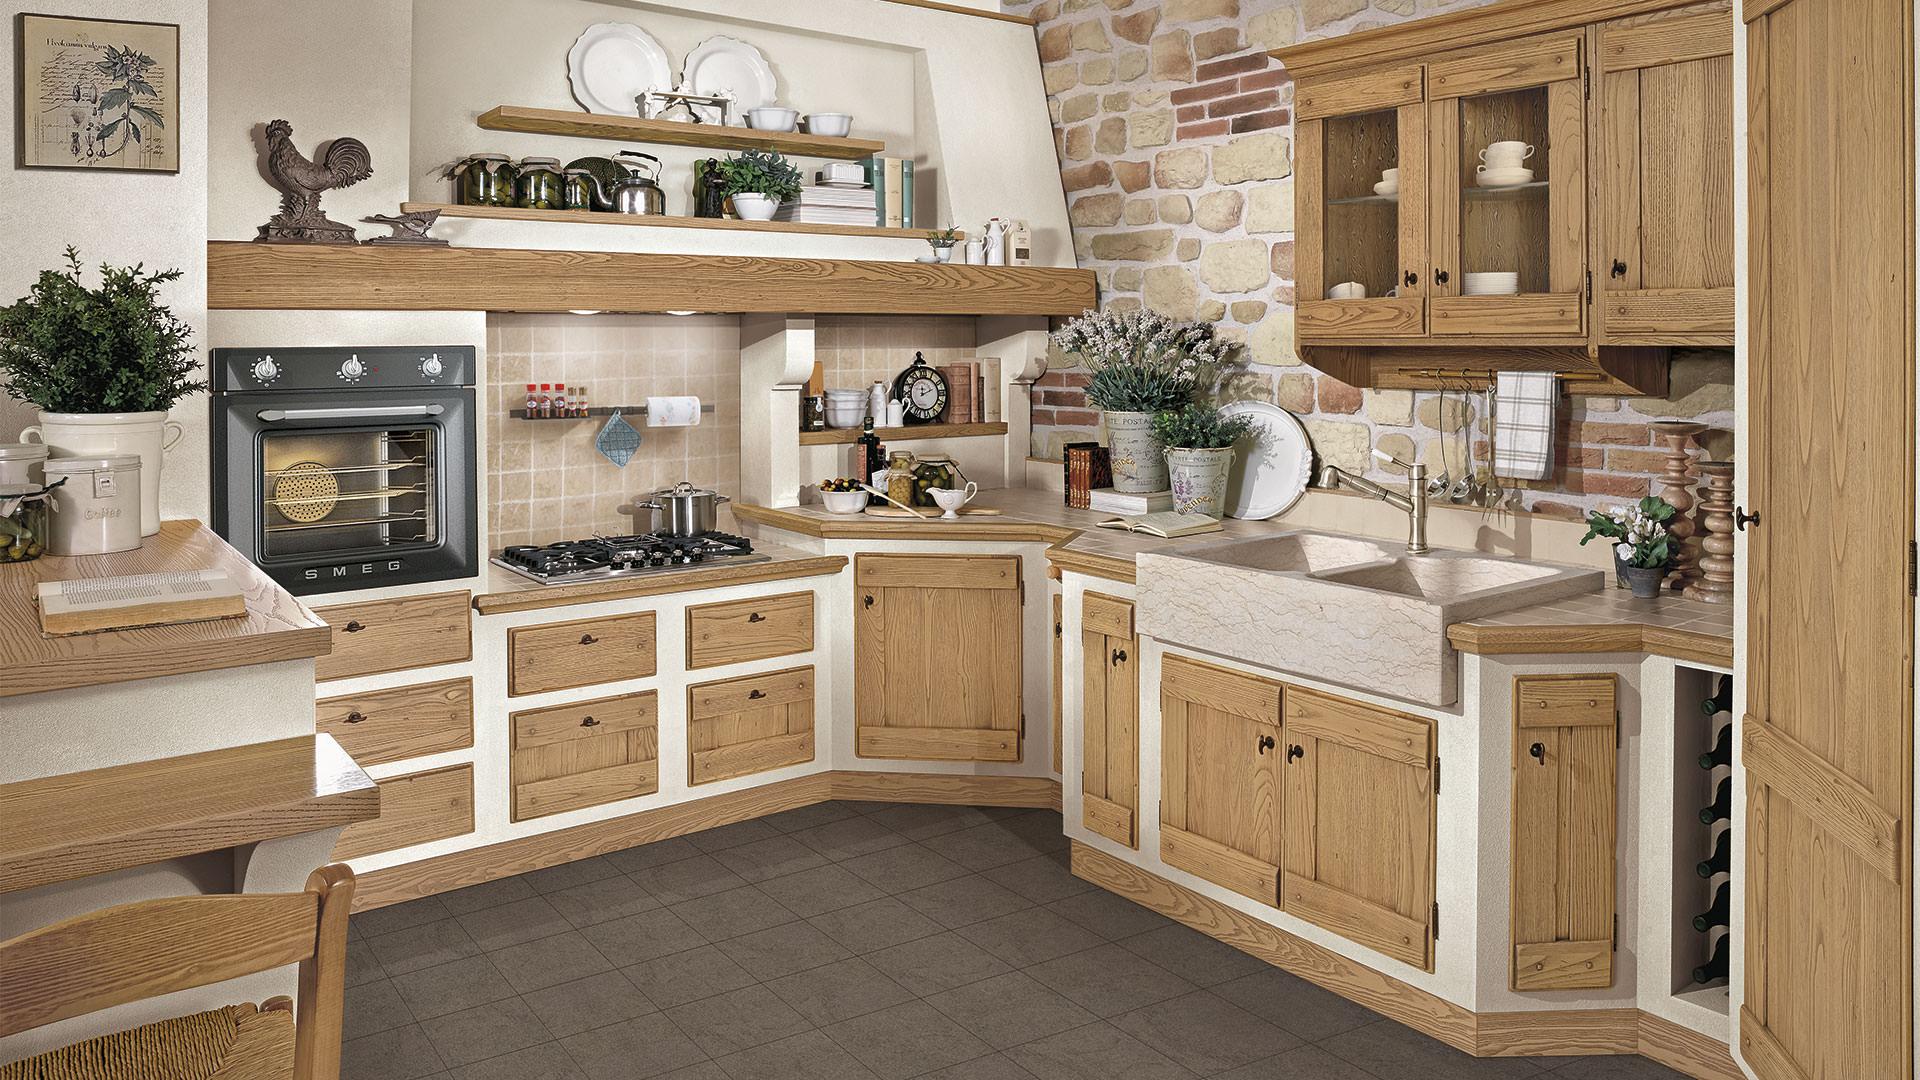 Cucina lube classica contemporanea anita 2 rafaschieri arredamenti - Cucina lube classica ...